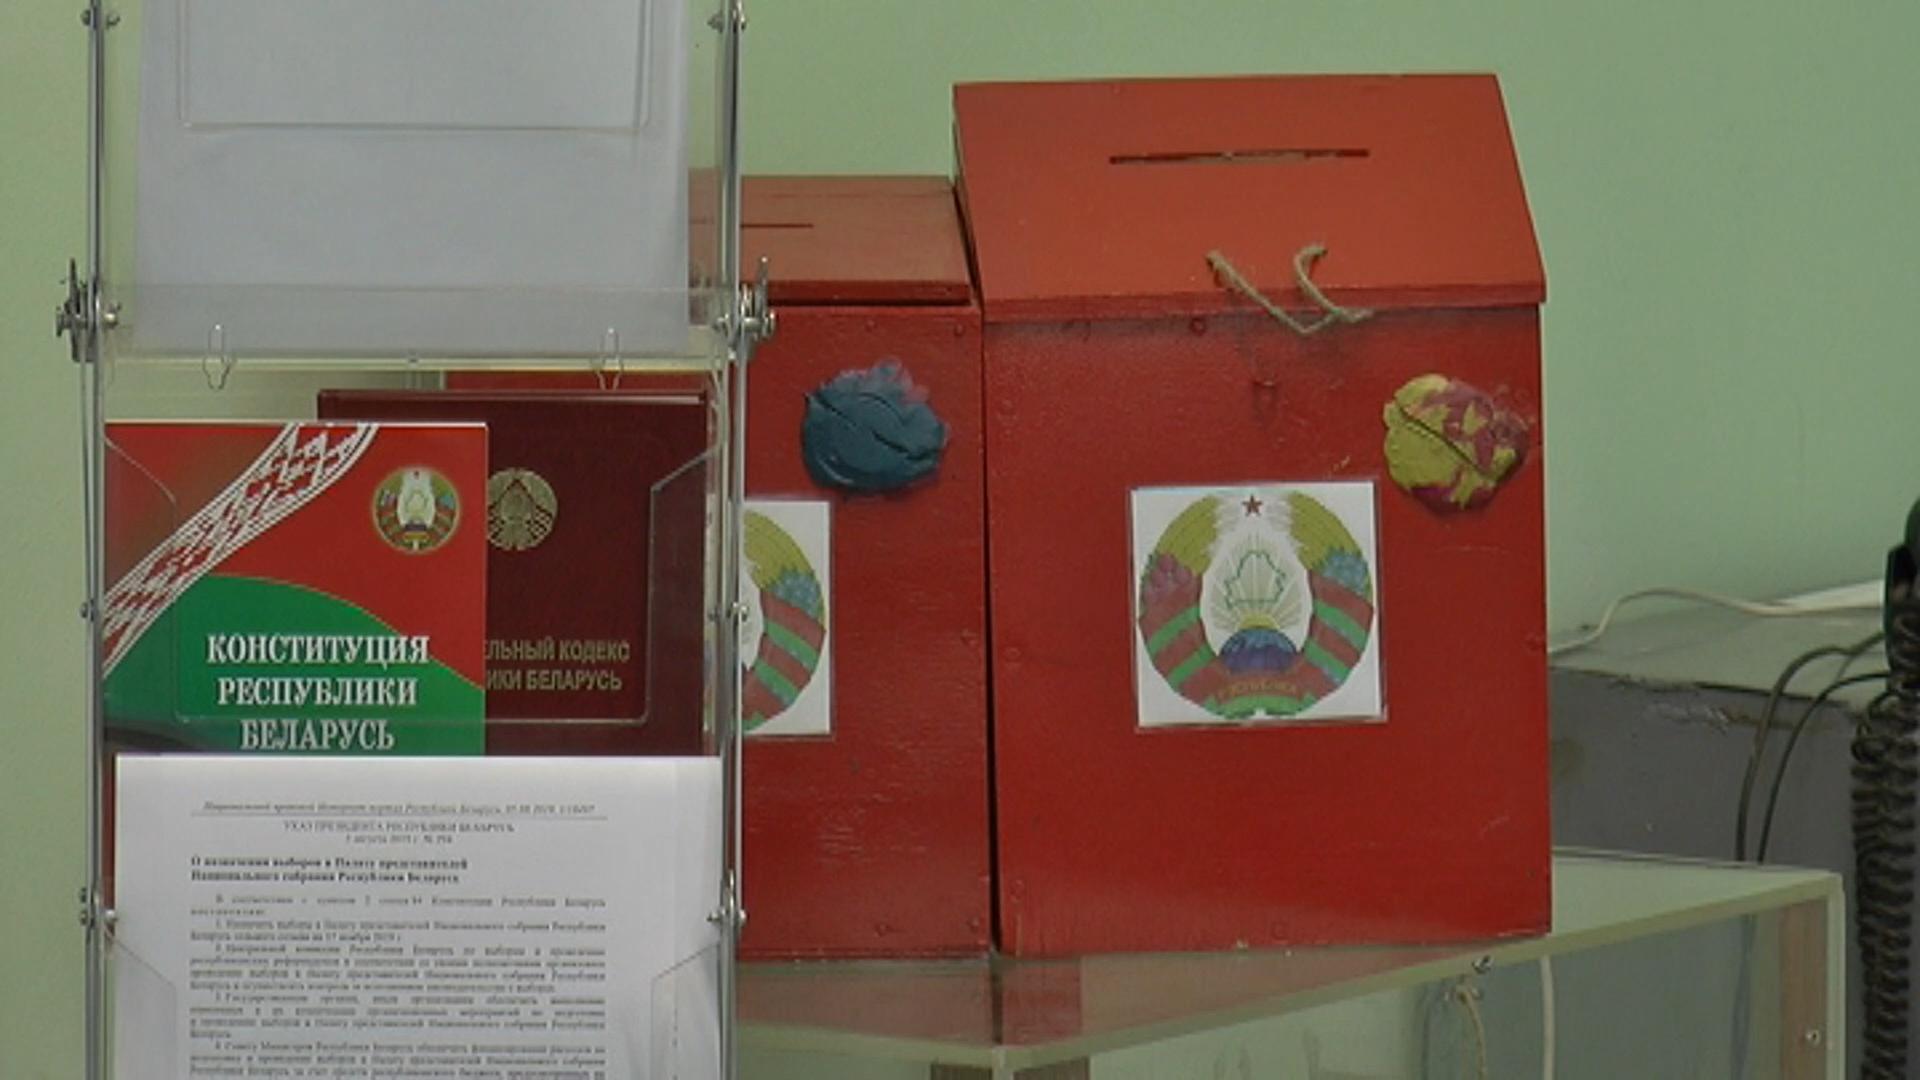 Сегодня в Беларуси подвели итоги выборов в верхнюю палату парламента.